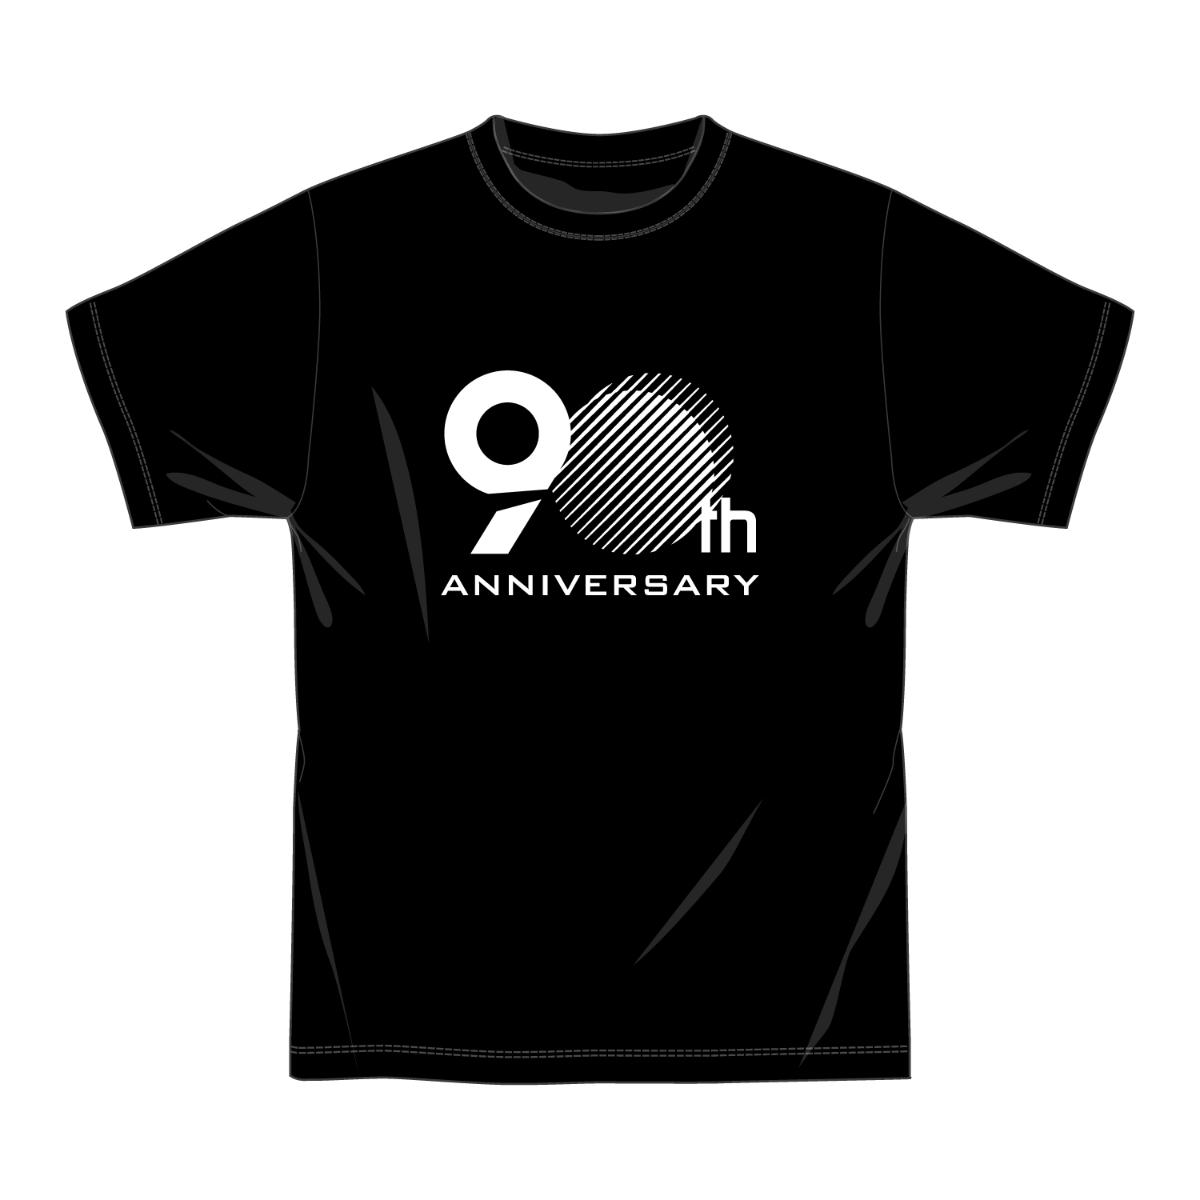 VICTAS ヴィクタス VICTAS PLAY ヴィクタスプレイ 卓球 アパレル 90周年記念限定Tシャツ プラクティスシャツ 創業90周年記念Tシャツ『VICTAS 90th Tee』を発売